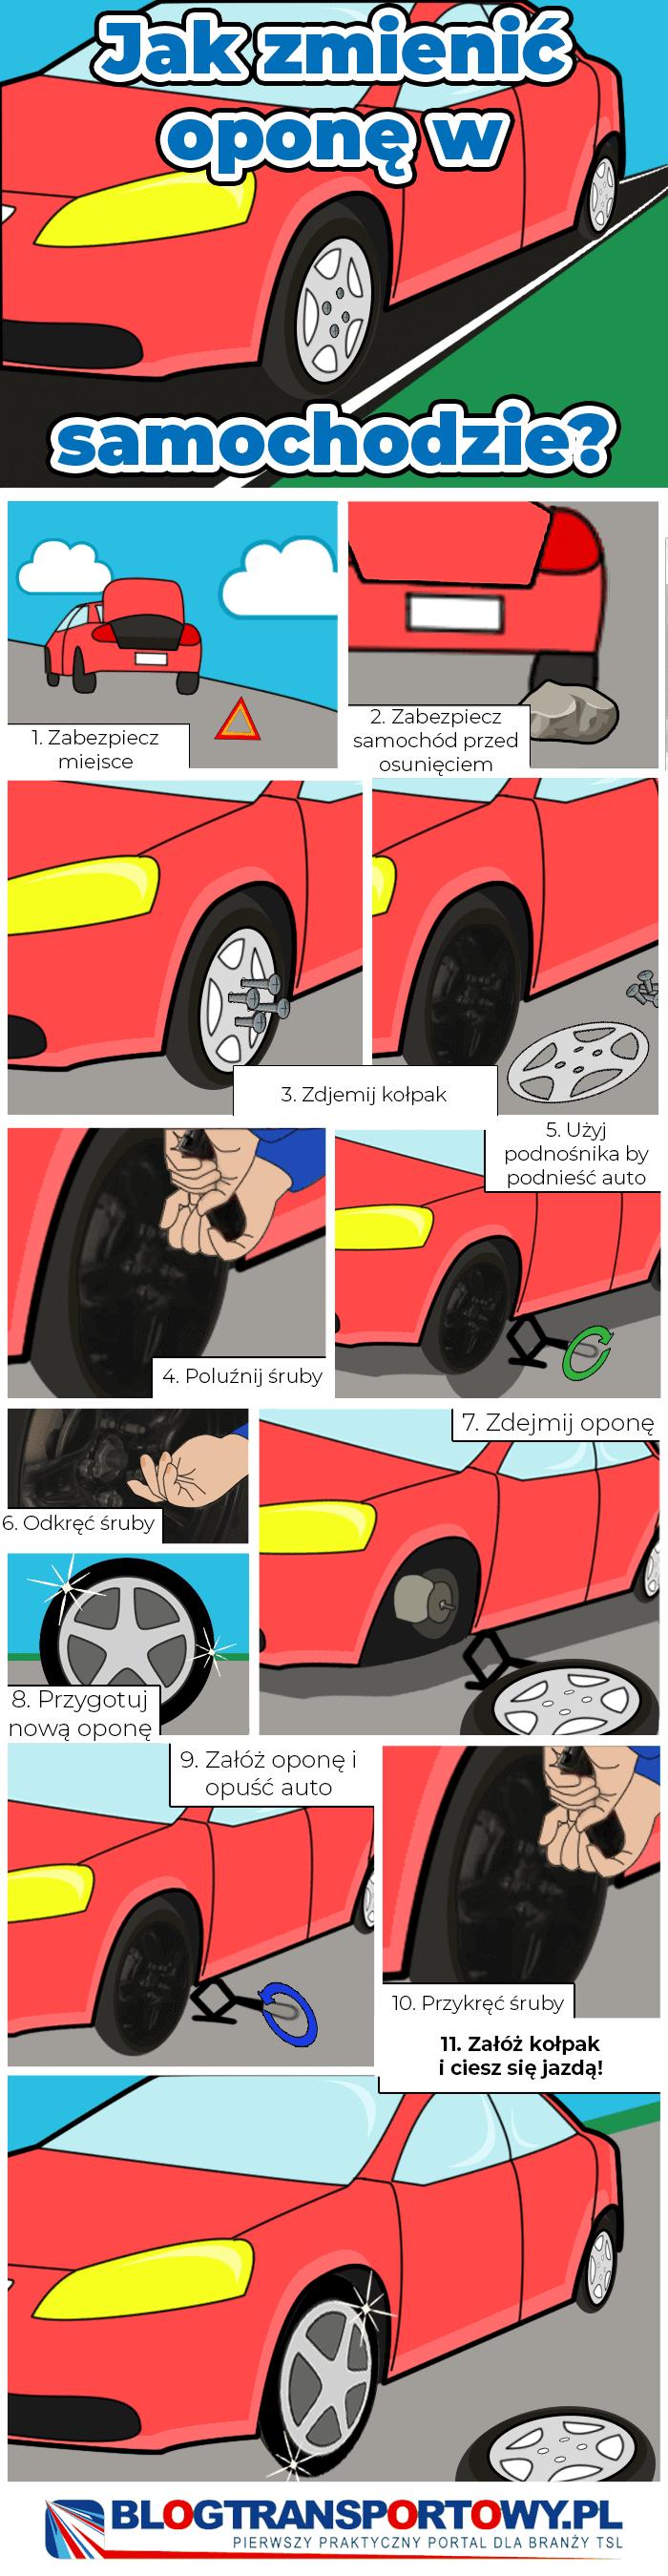 Jak zmieniać opony?